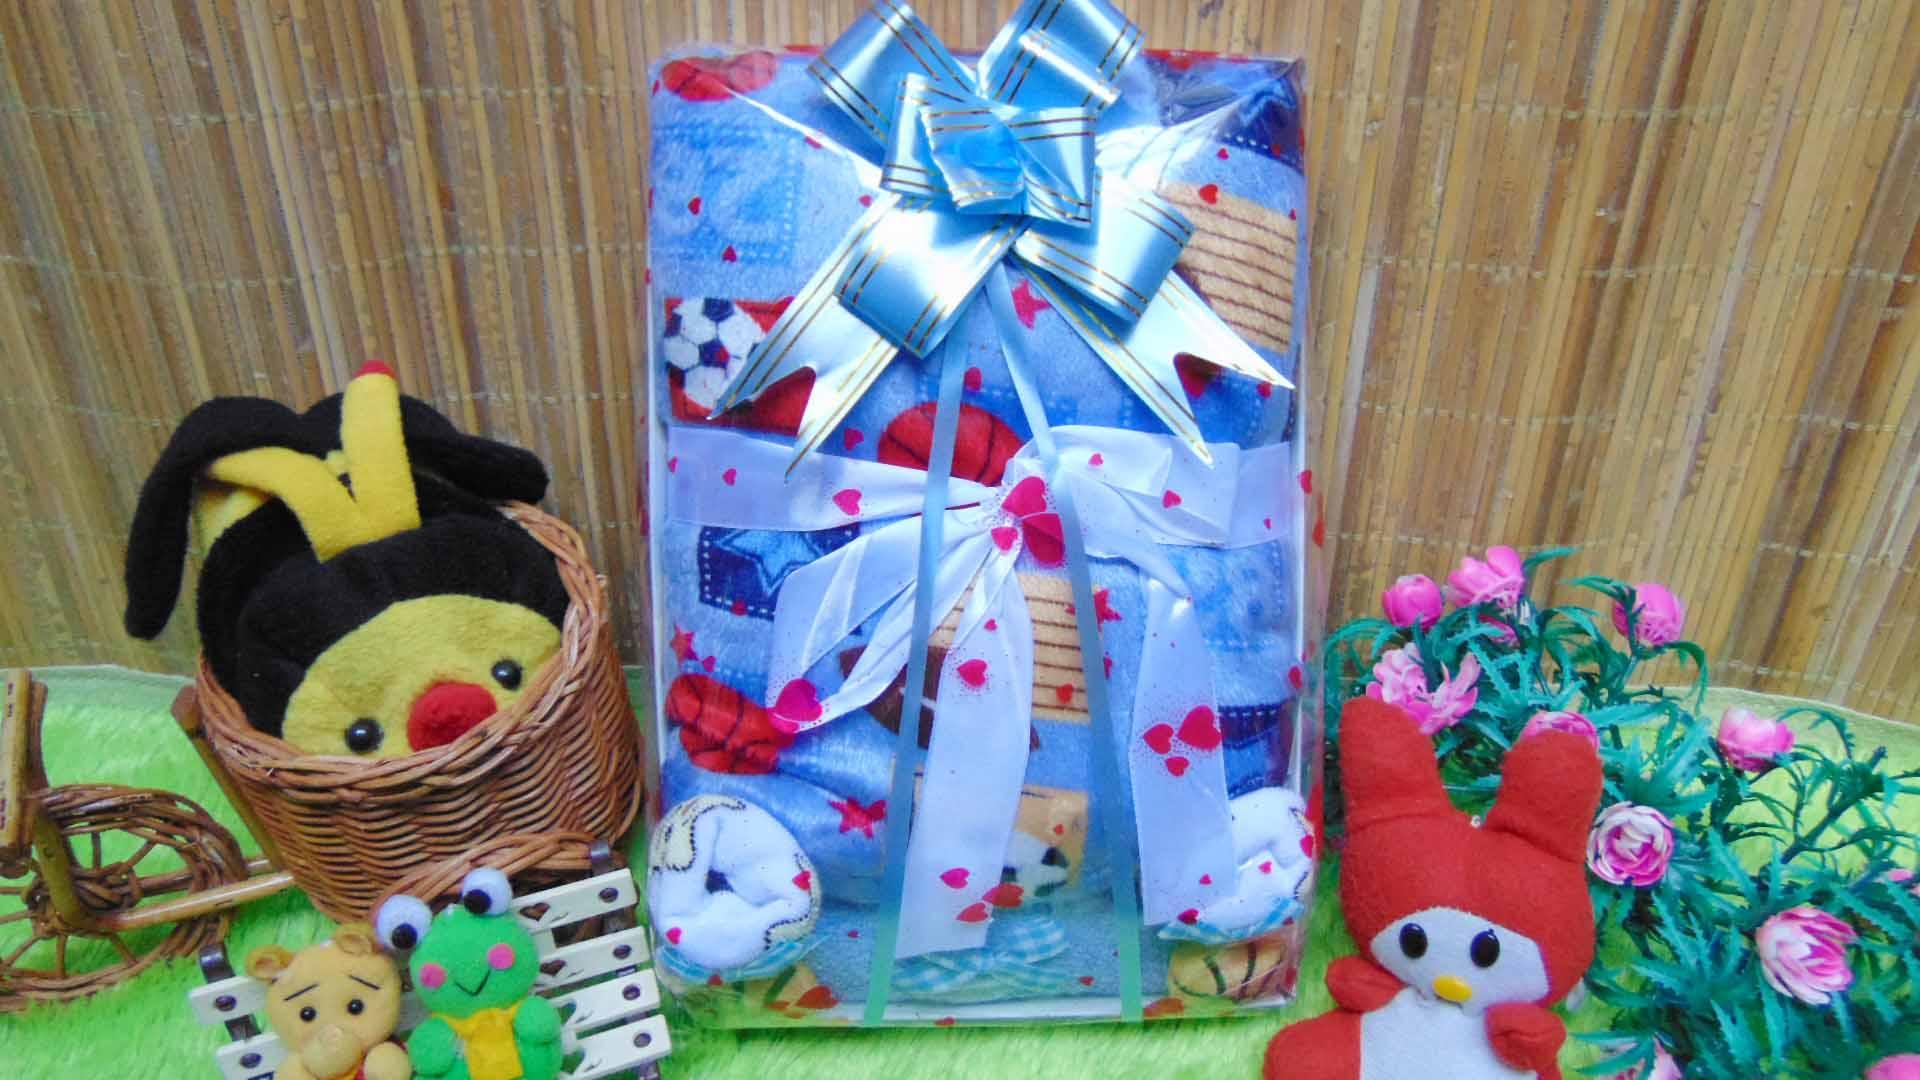 Kado Lahiran Paket Kado Bayi Baby Gift Box Selimut Carter Plus Baby Sock Blue Boy Balls 75 terdiri dari selimut carter extra lembut,kaos kaki boneka baby,FREE KARTU UCAPAN